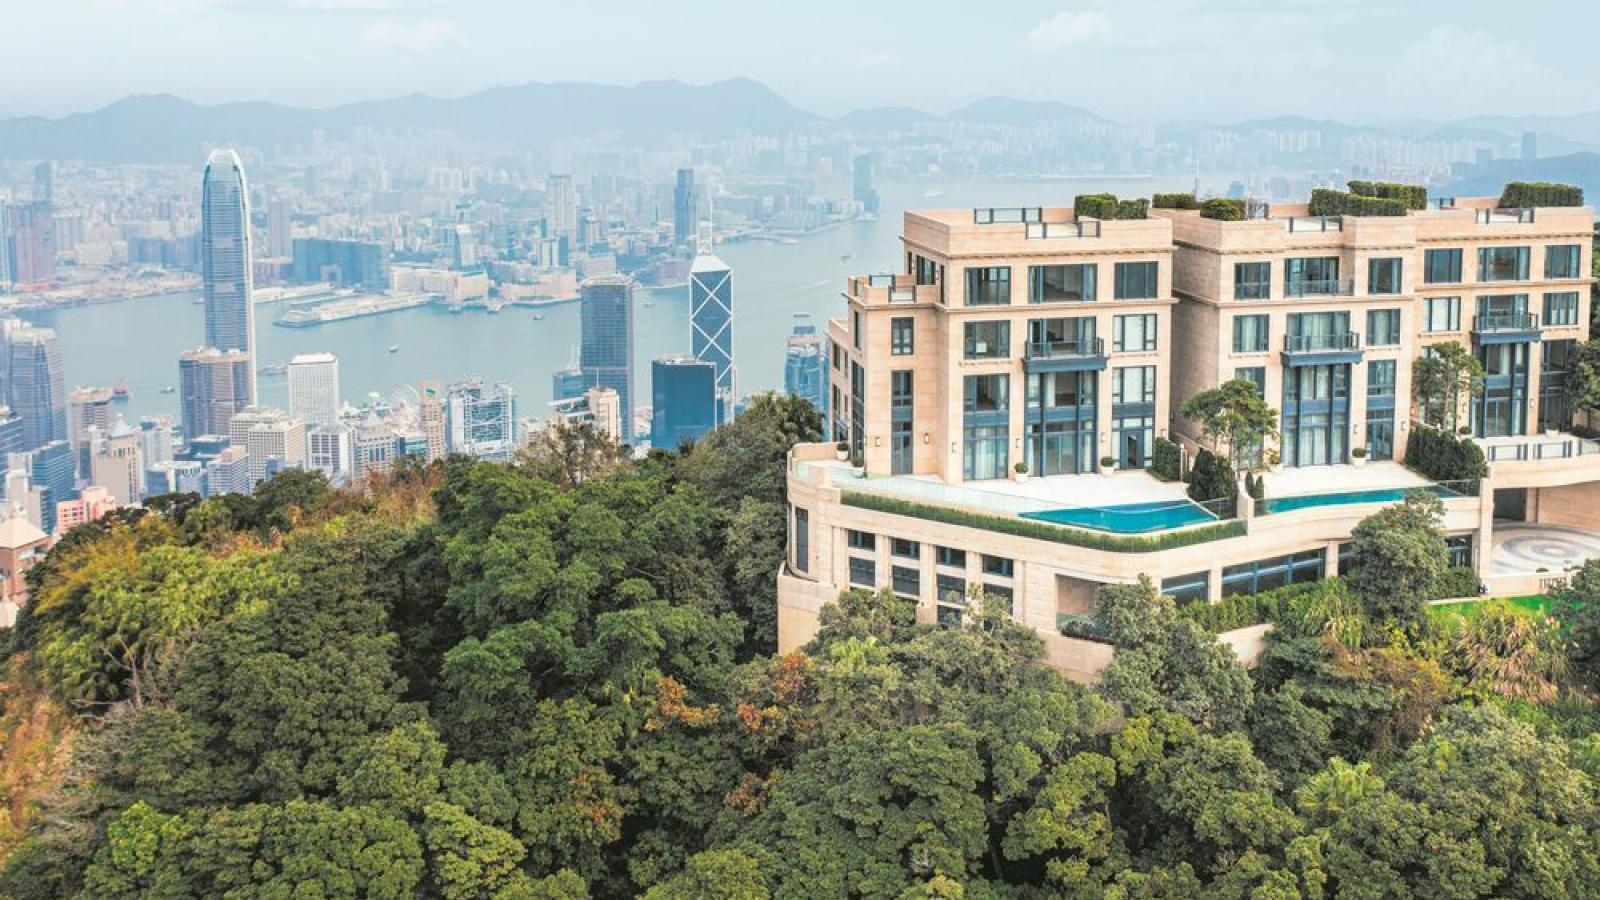 Tiền cho thuê nhà ở Hong Kong lập kỷ lục hơn 2 triệu USD/năm